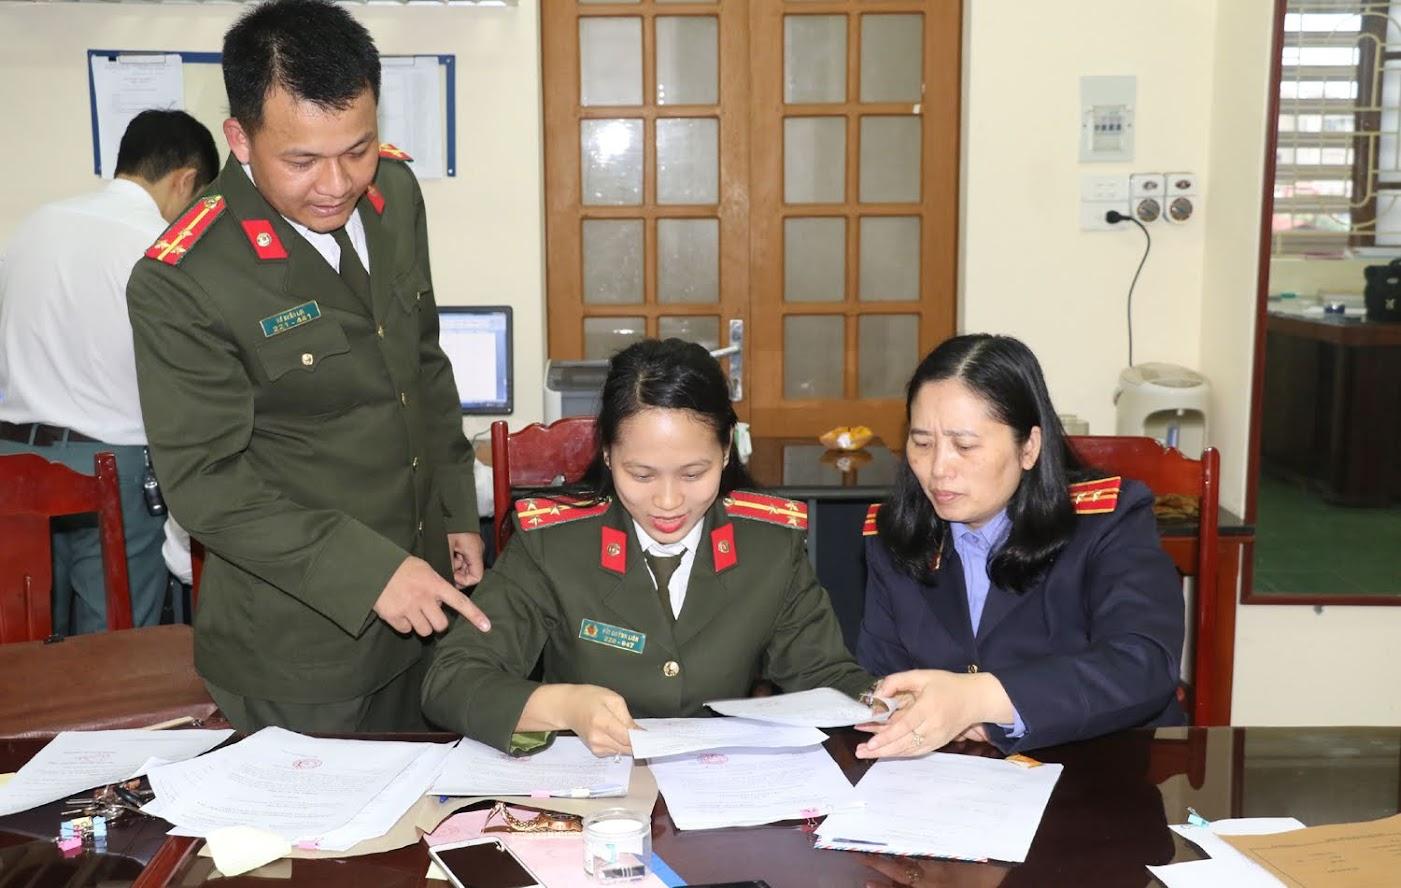 Phòng ANĐT công an Thanh Hoá và Viện KSND tỉnh nghiên cứu hồ sơ vụ việc